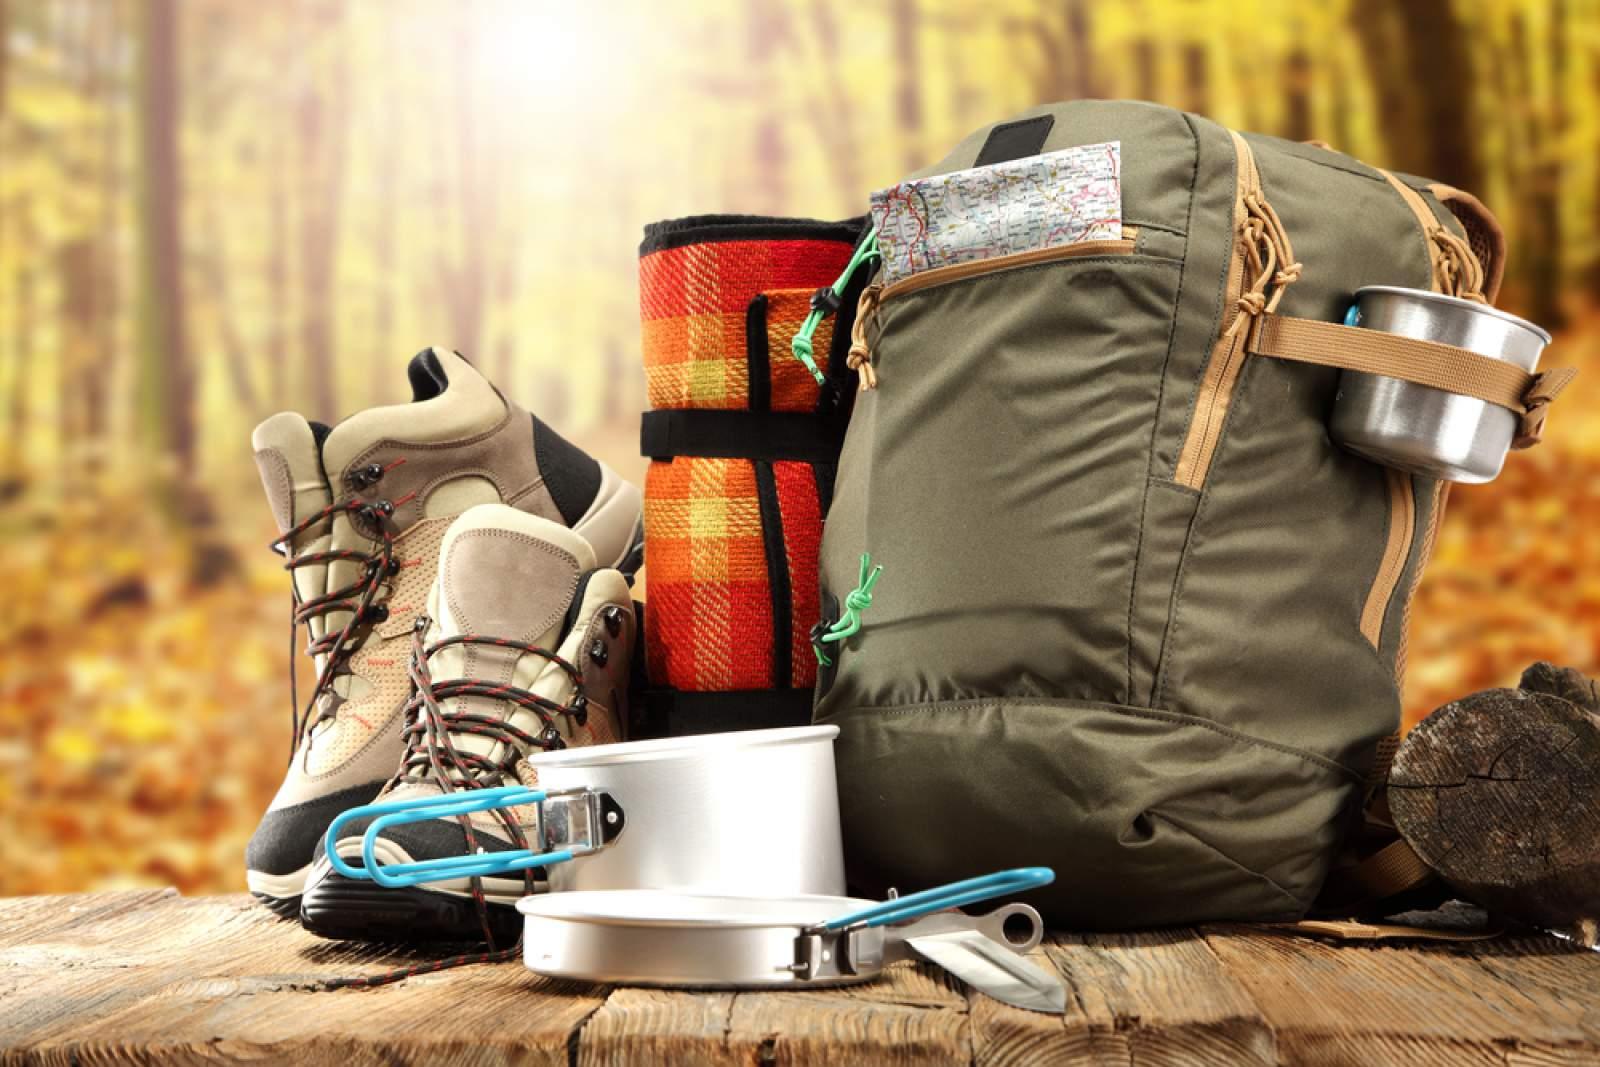 Segurança no acampamento: equipamentos e acessórios